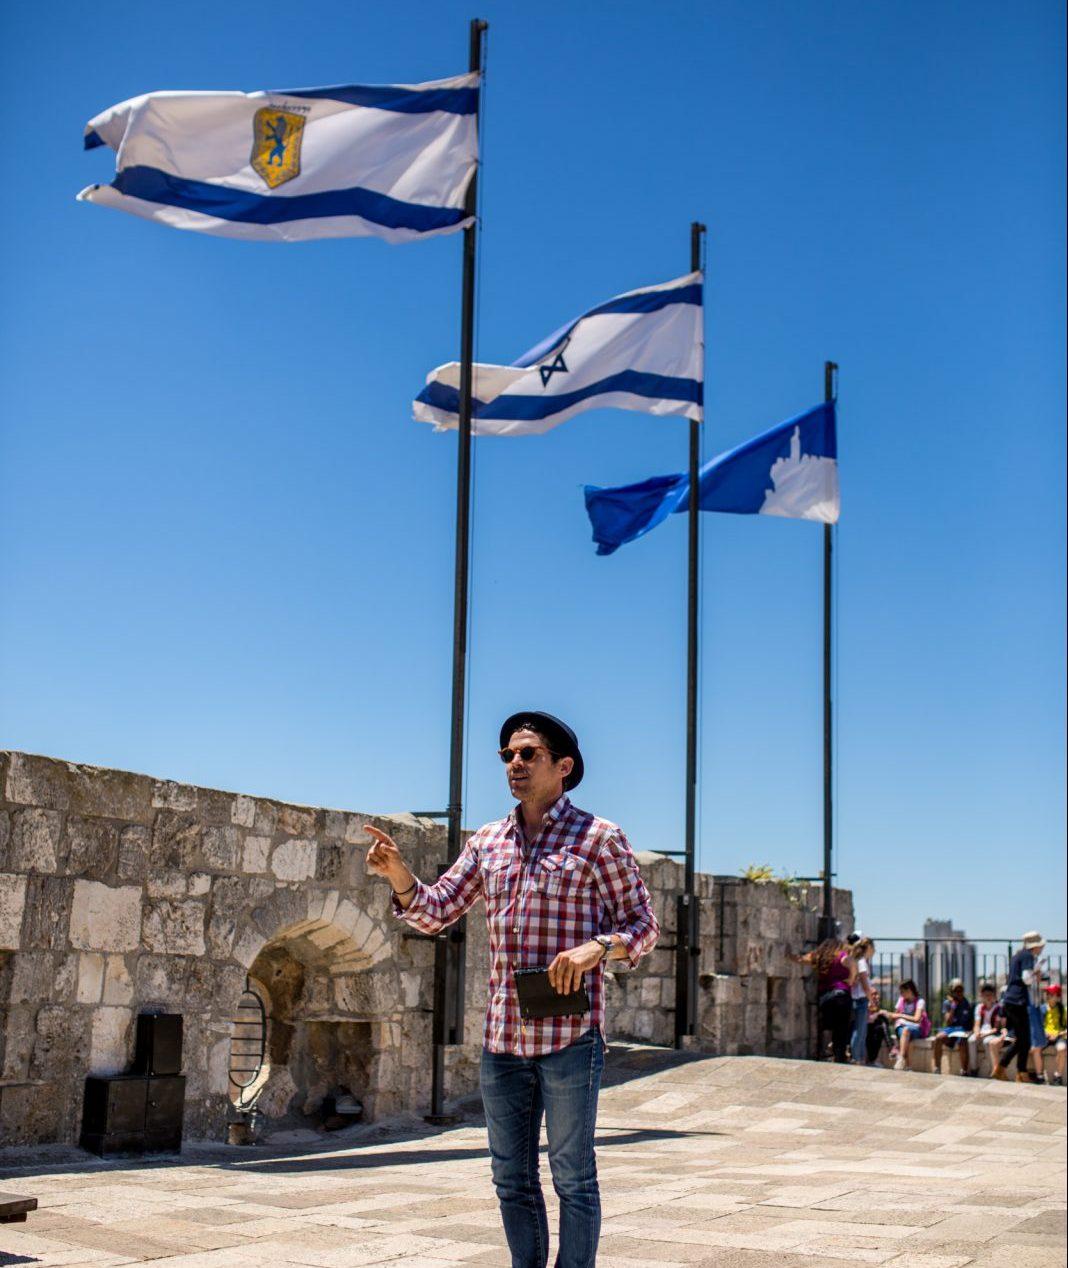 ארז בסיור מודרך בירושלים על חומות העיר העתיקה